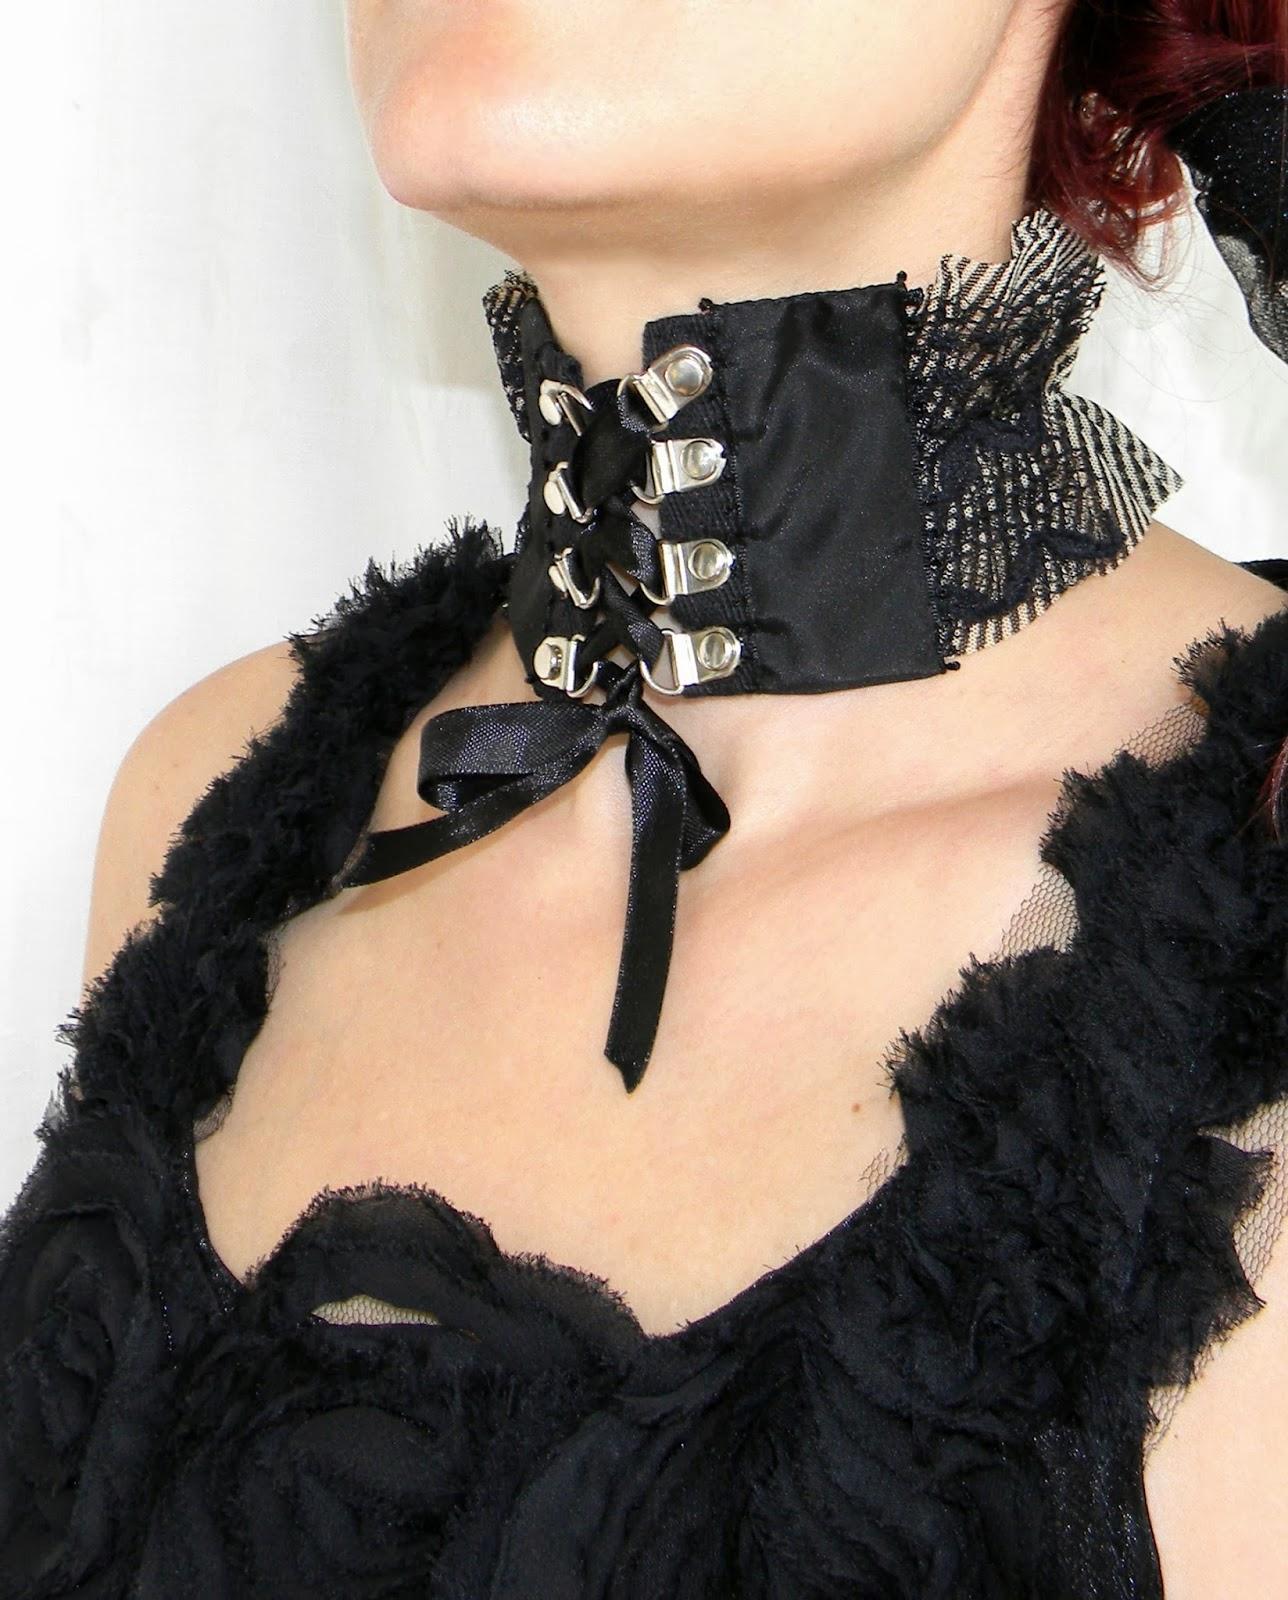 Gothic Burlesque Neck Corset Neckpiece Sexy Fashion Choker